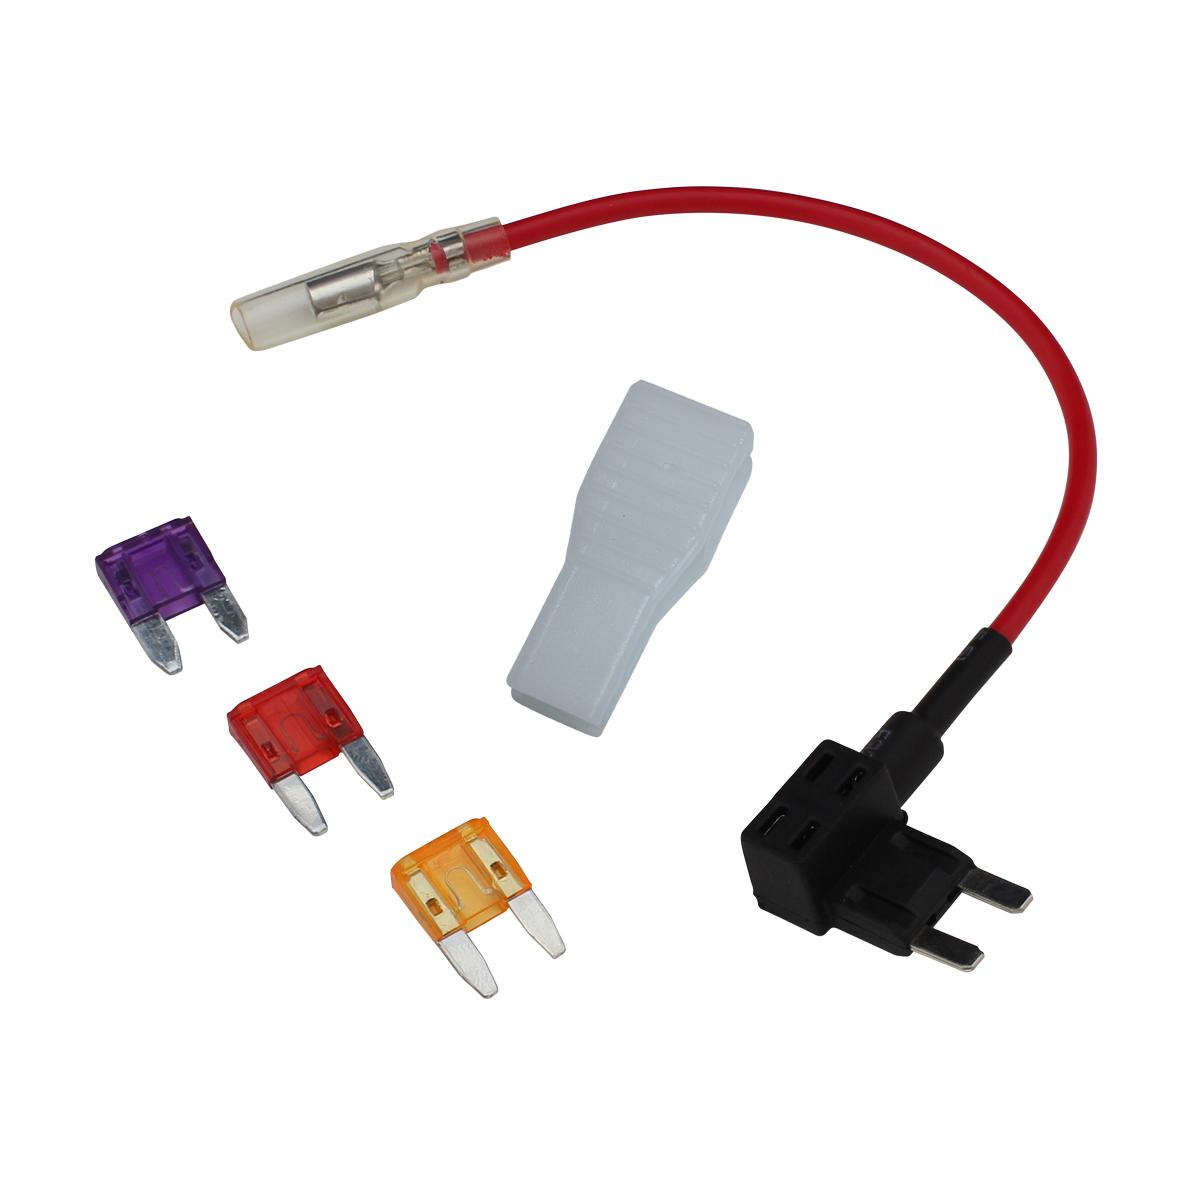 6093(1セット) ミニ平型ヒューズ用 電源取出しケーブル (ギボシ端子付き) + ヒューズプーラー + 3A/5A/10A ヒューズ3種セット